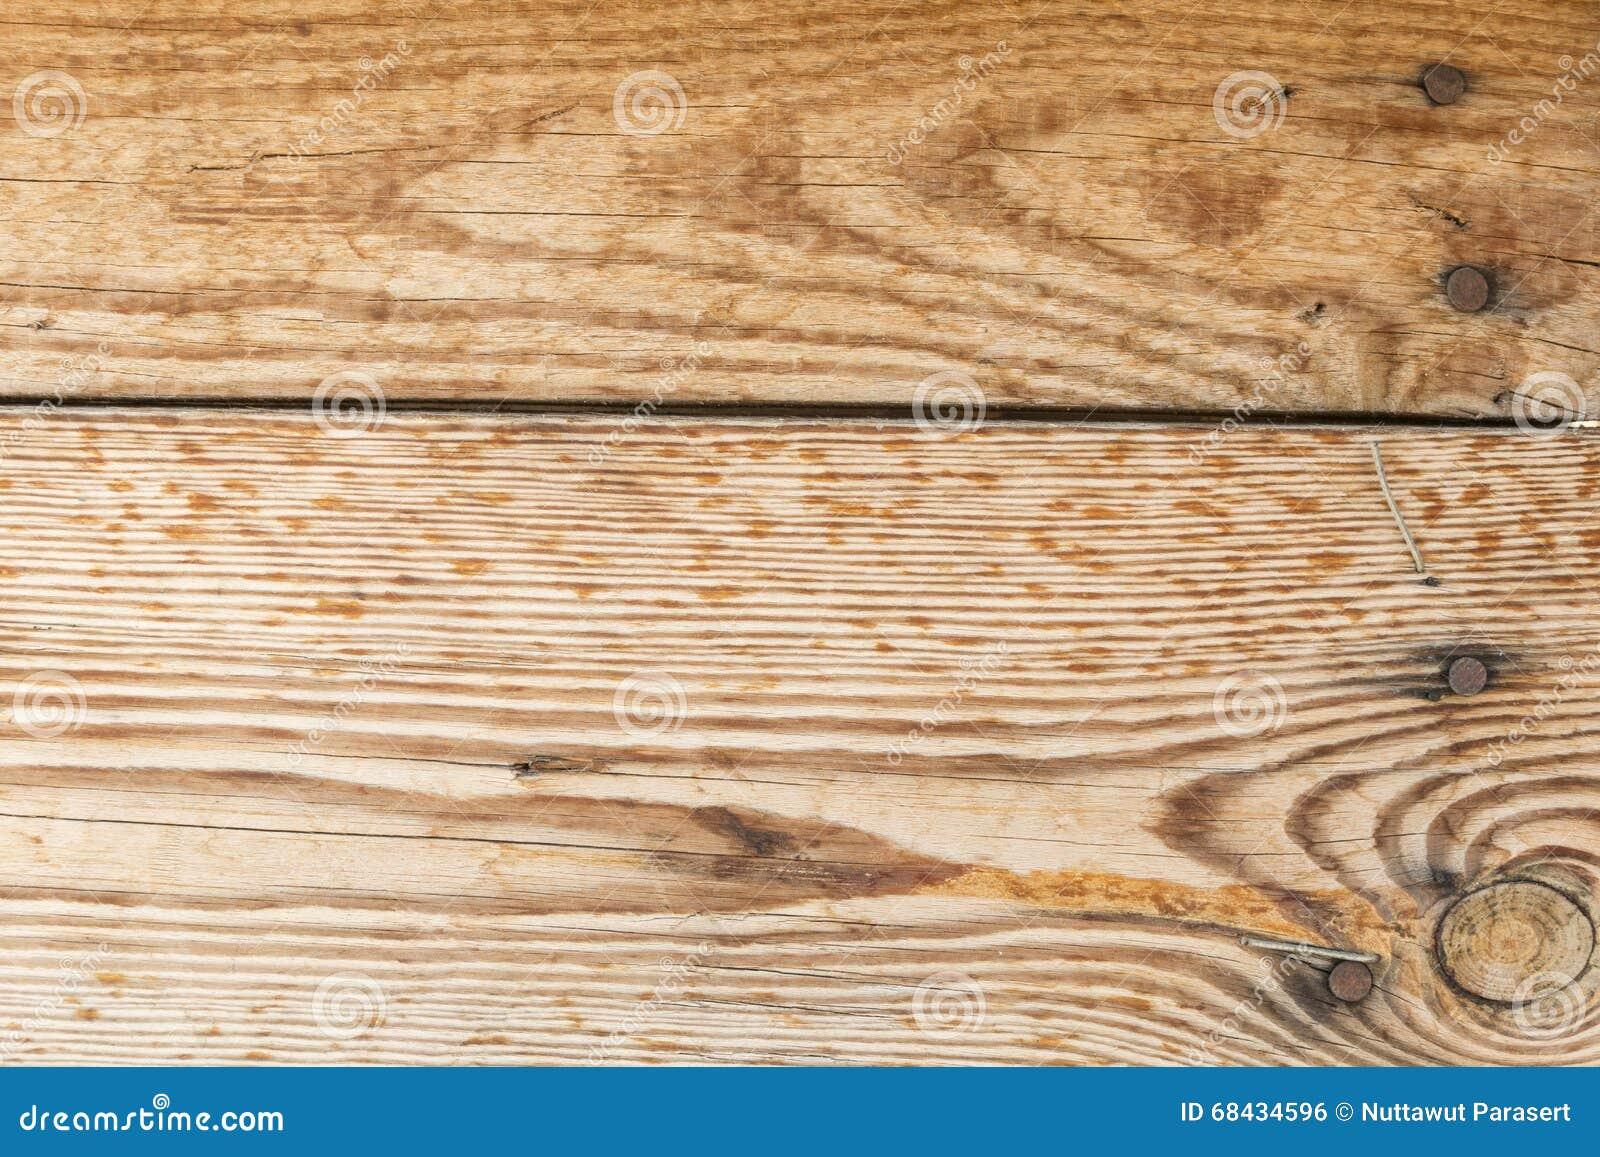 planche de vieux bois papier peint papier peint planches de vieux bois trompe luoeil uua bois. Black Bedroom Furniture Sets. Home Design Ideas